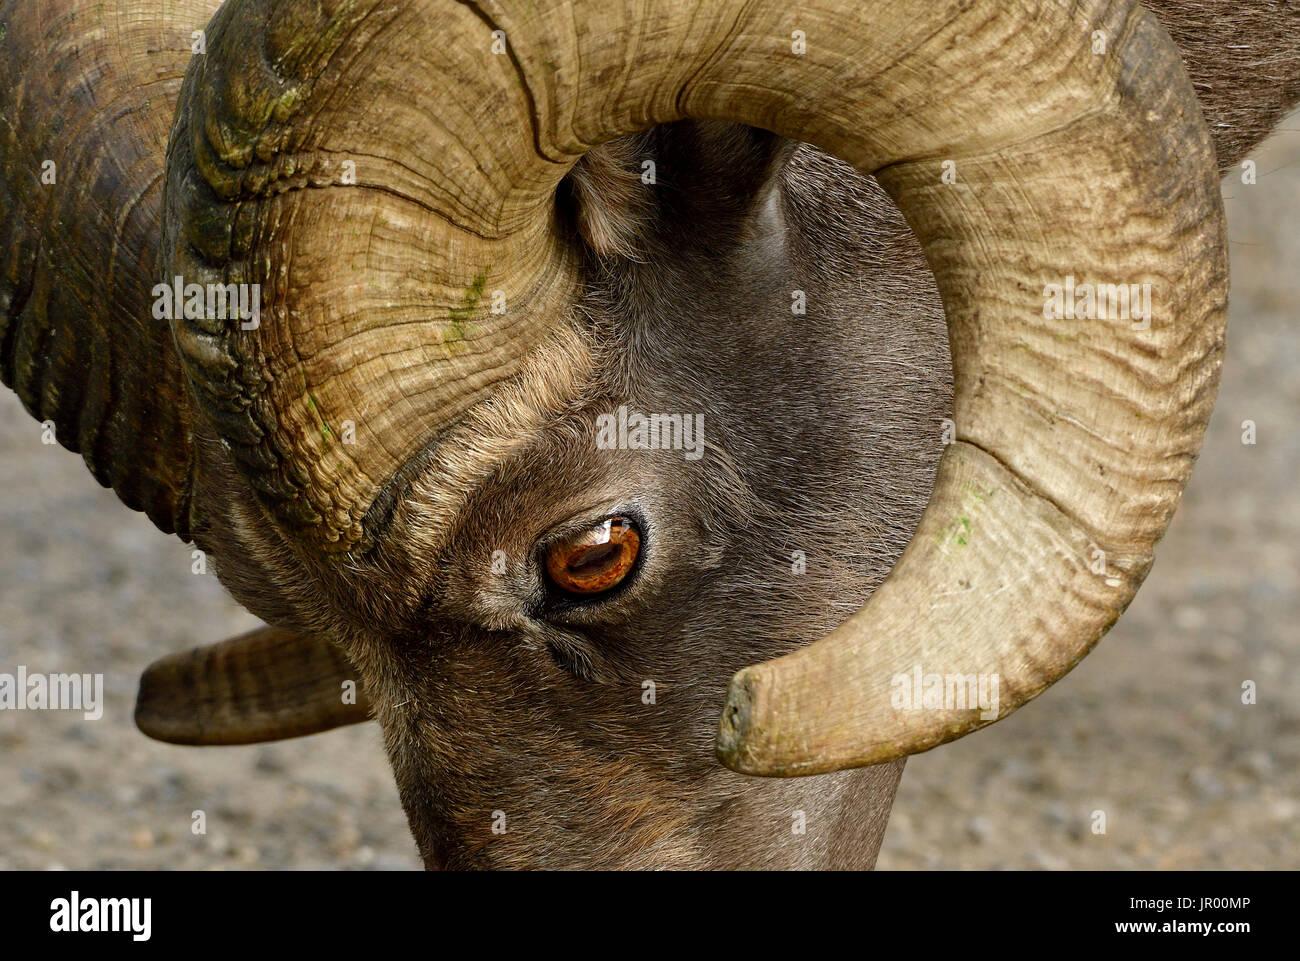 Une vue latérale d'un mouflon sauvage montrant le visage de l'œil et de son klaxon curl Photo Stock